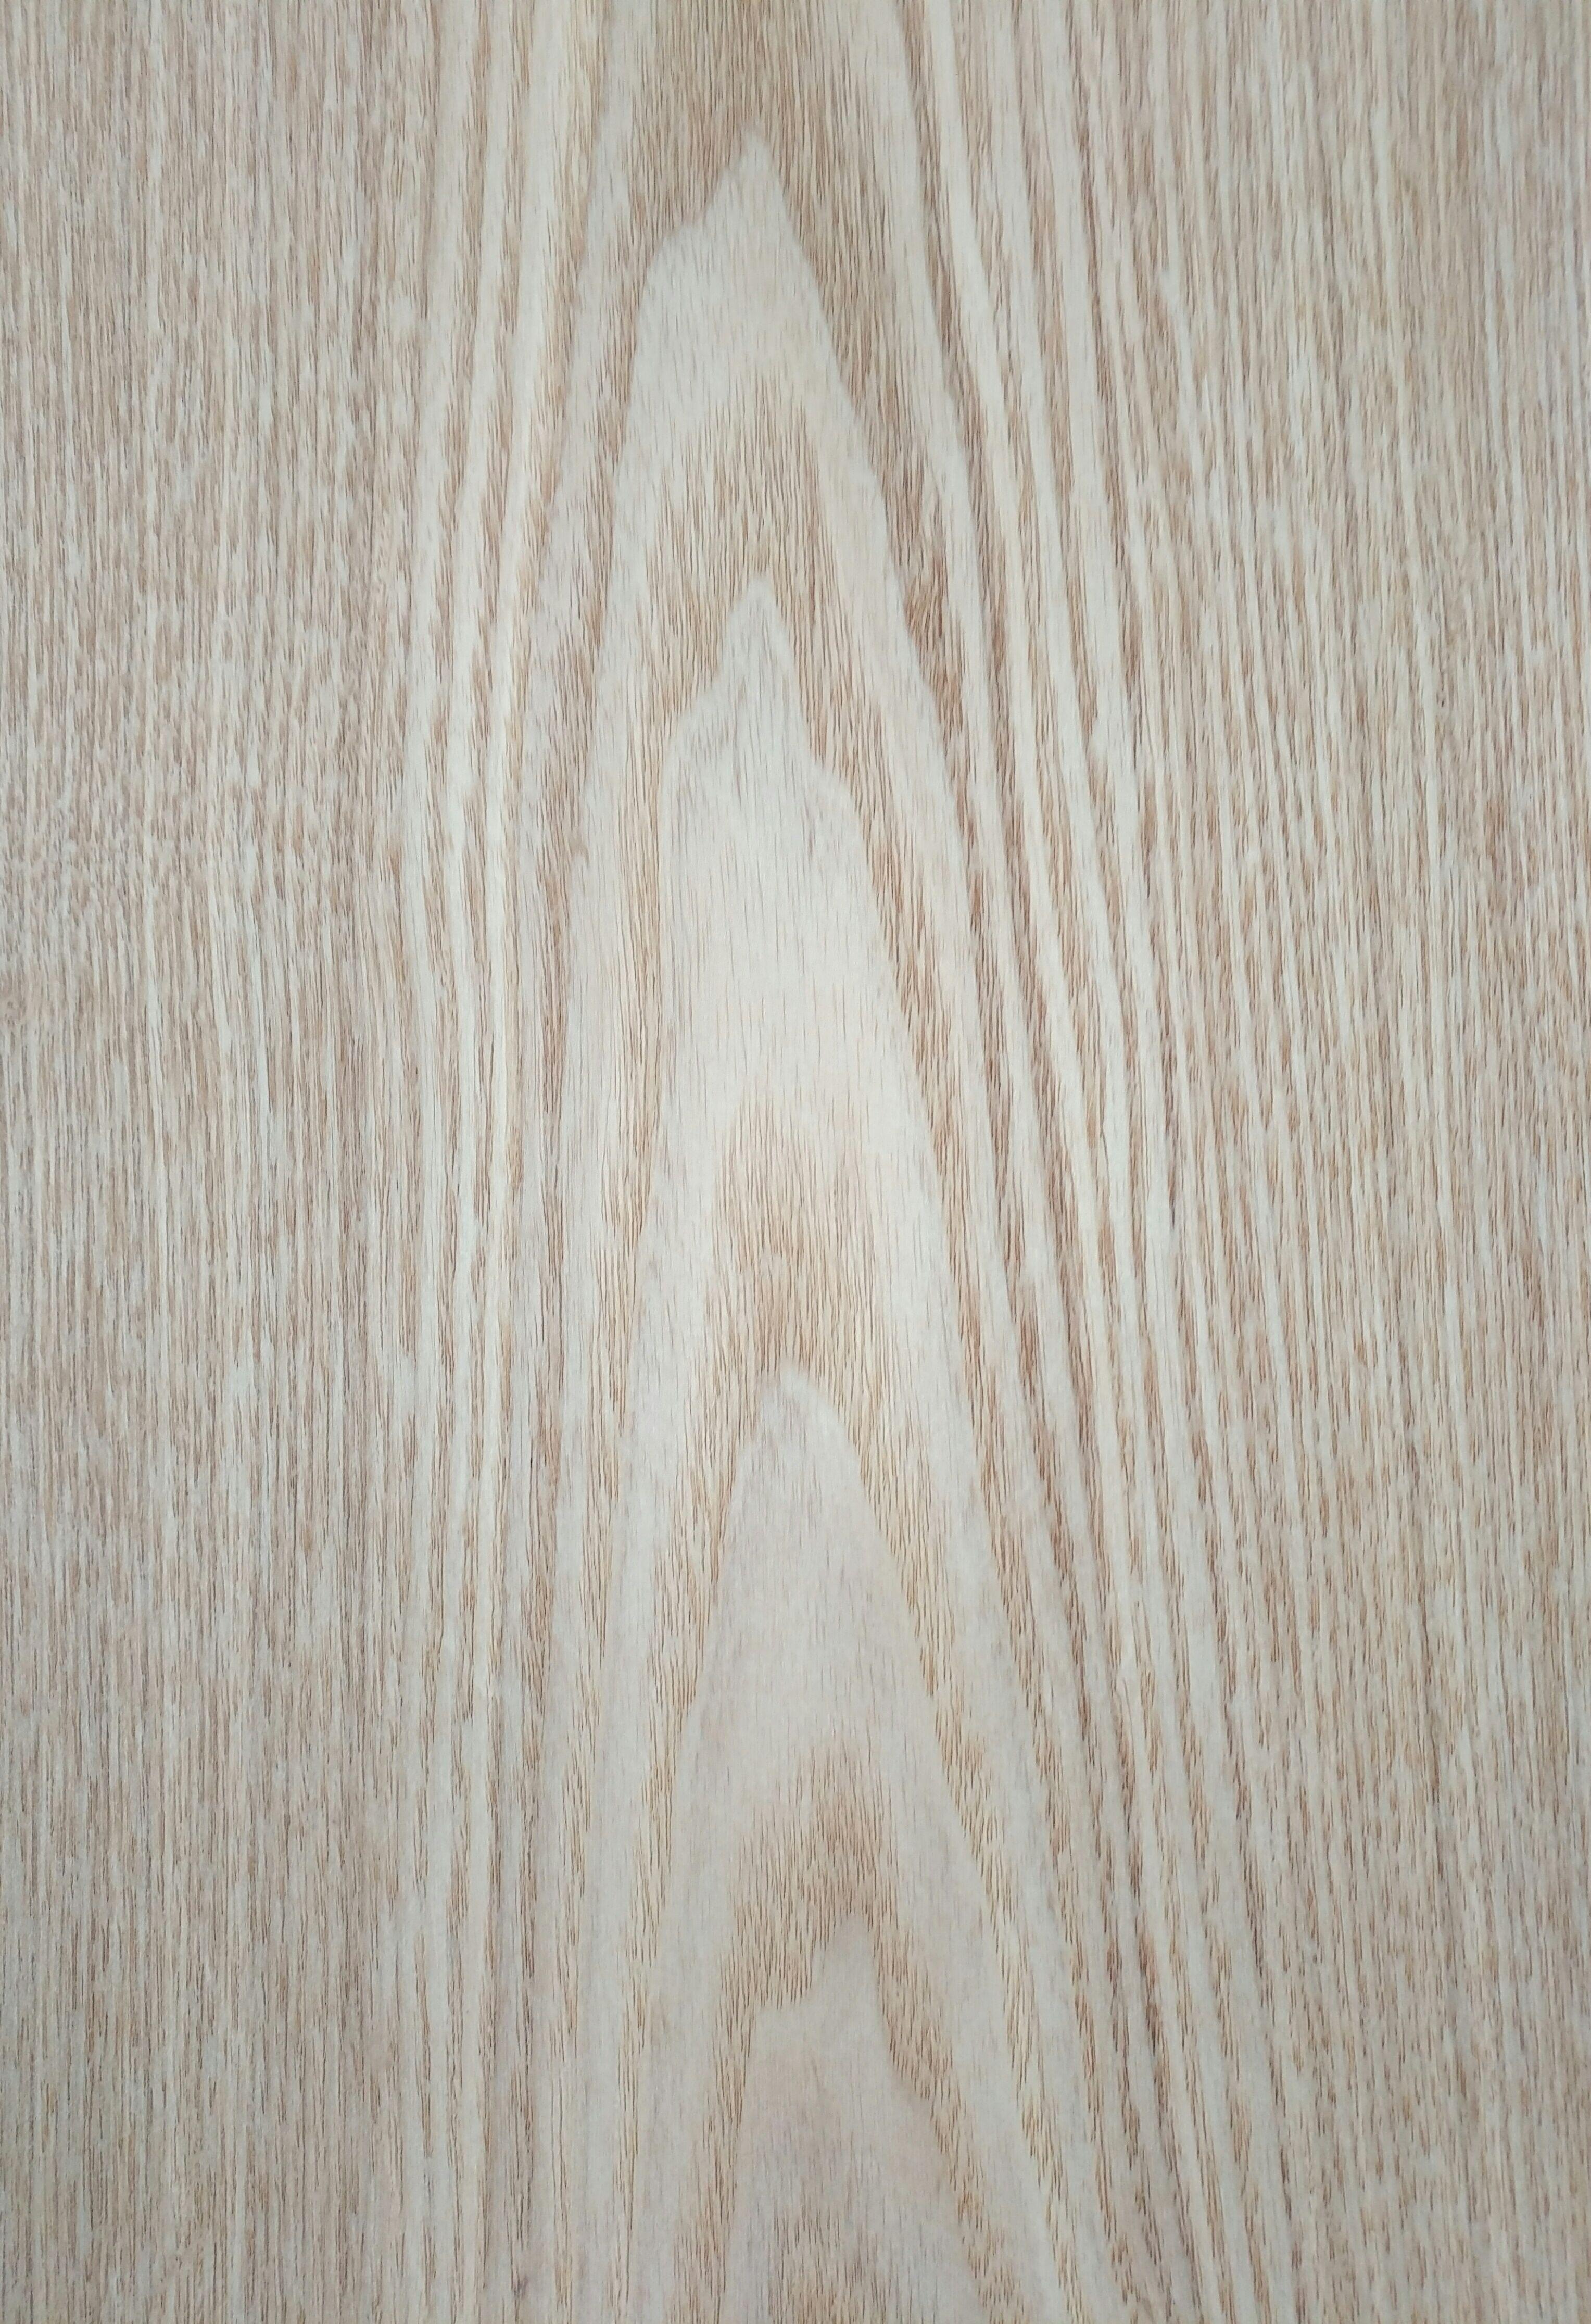 Chinese Ash Veneer Chinese Ash Sliced Veneer For Furniture